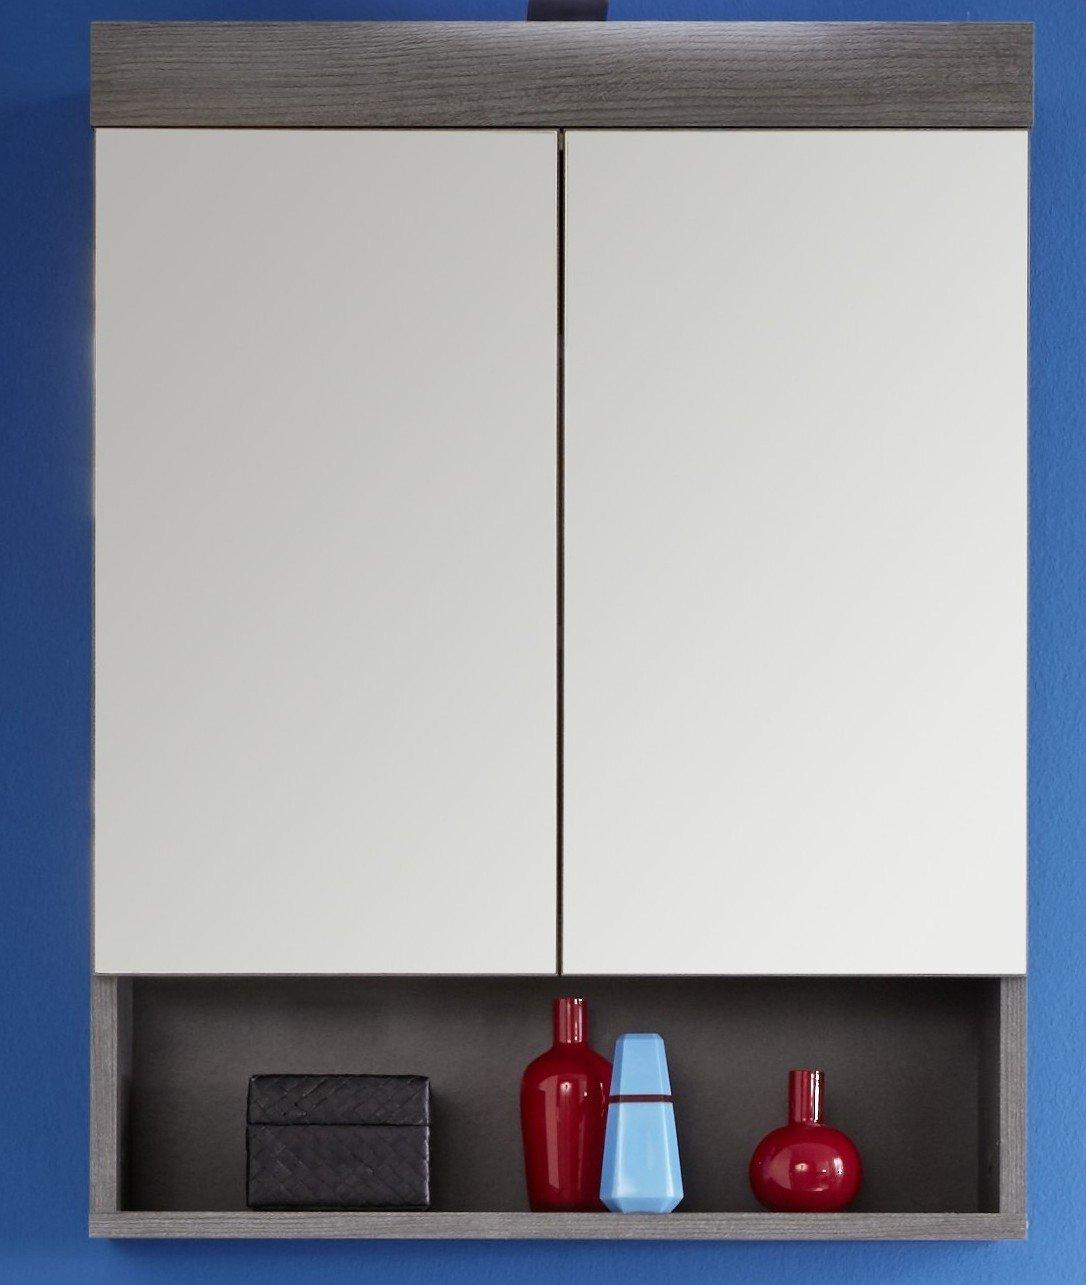 Trendteam rn50121 Meuble miroir salle de bain fumée Argent Imitation - L x H x P 58 x 75 x 18 cm